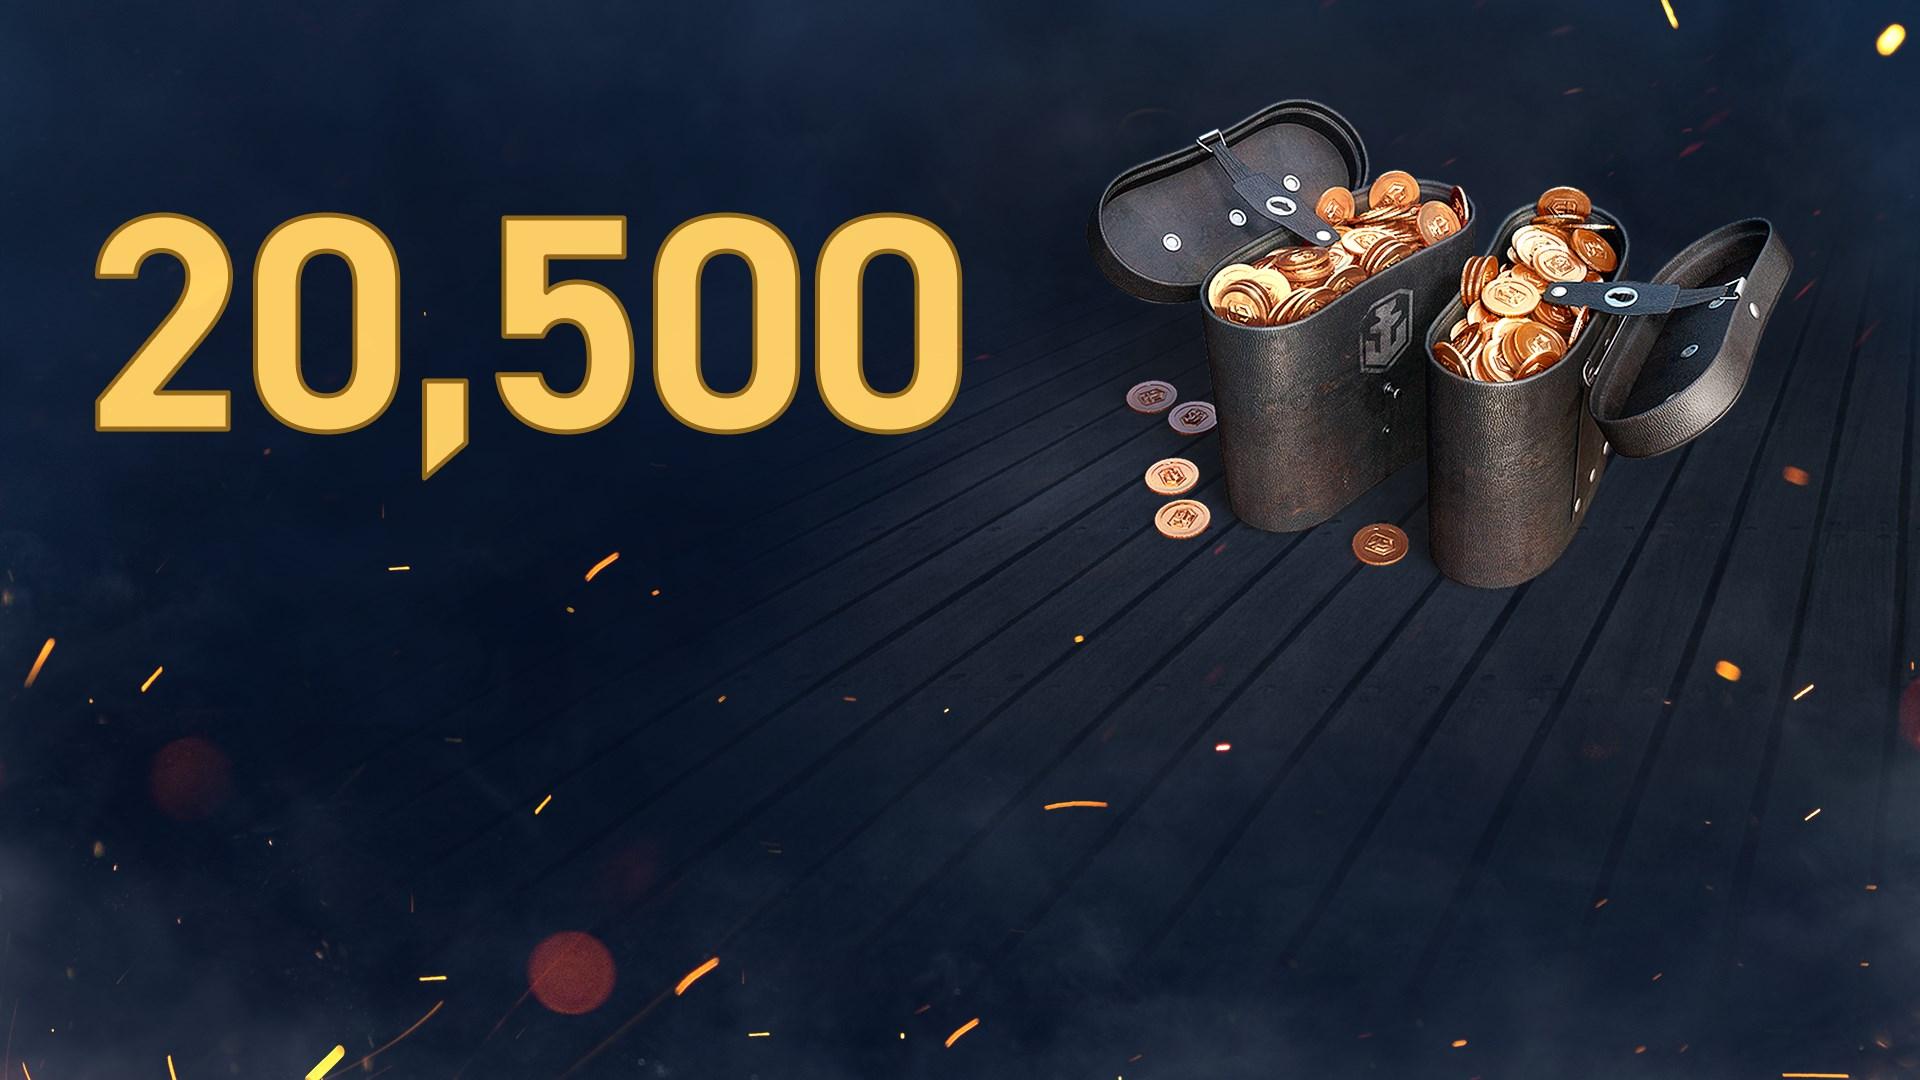 《戰艦世界:傳奇》 - 20,500 達布隆